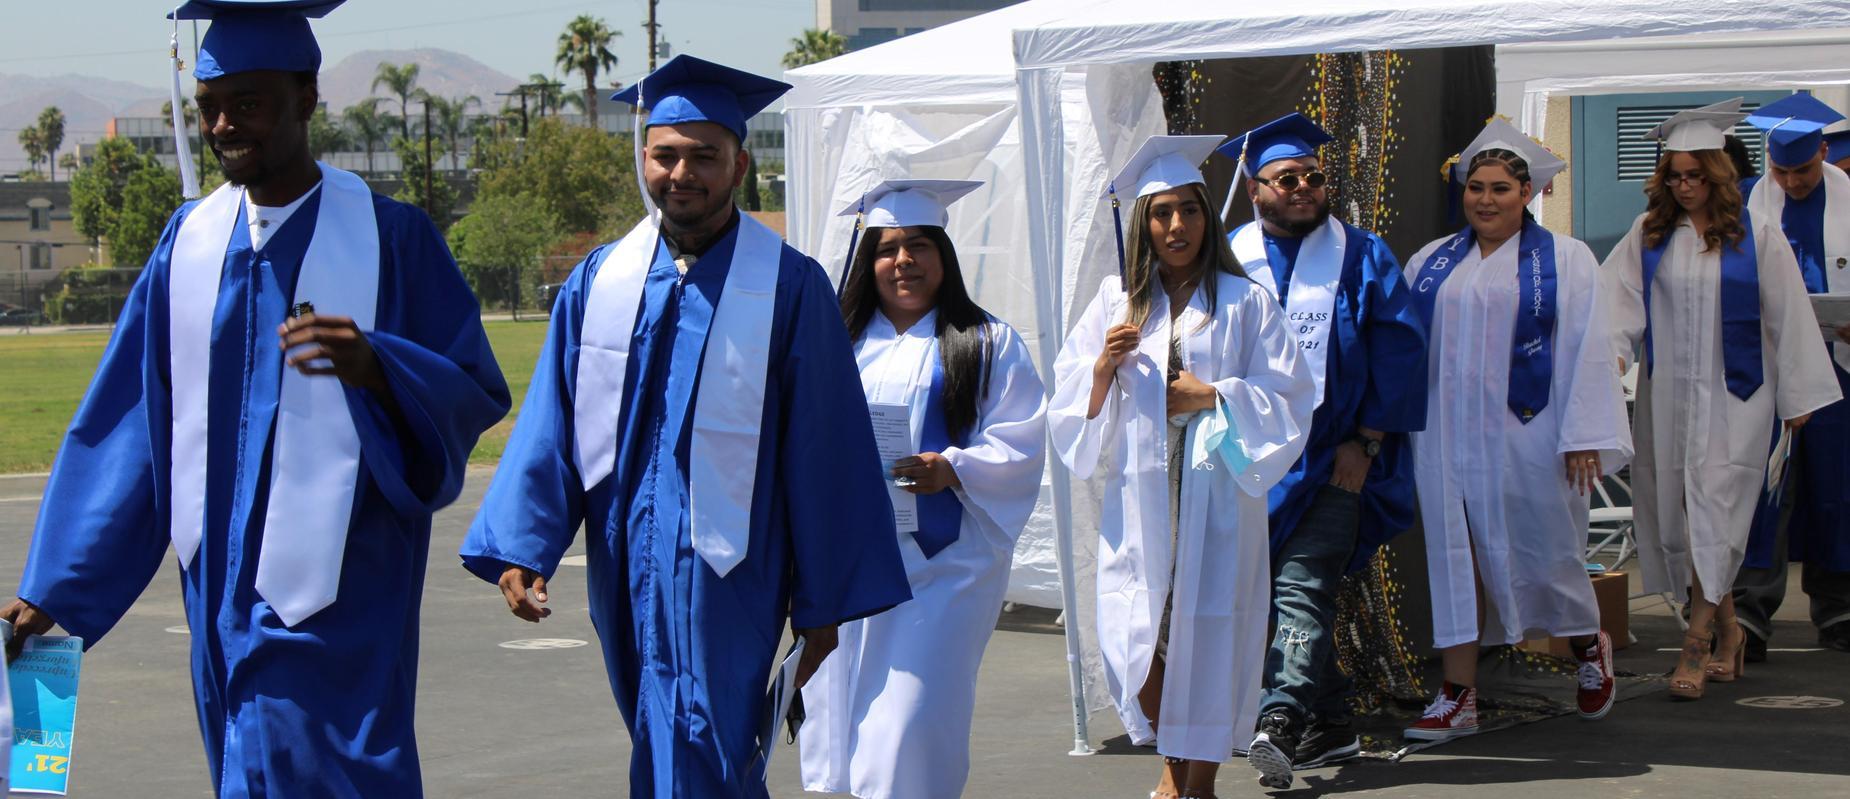 San Bernardino Class of 2021 grads walking